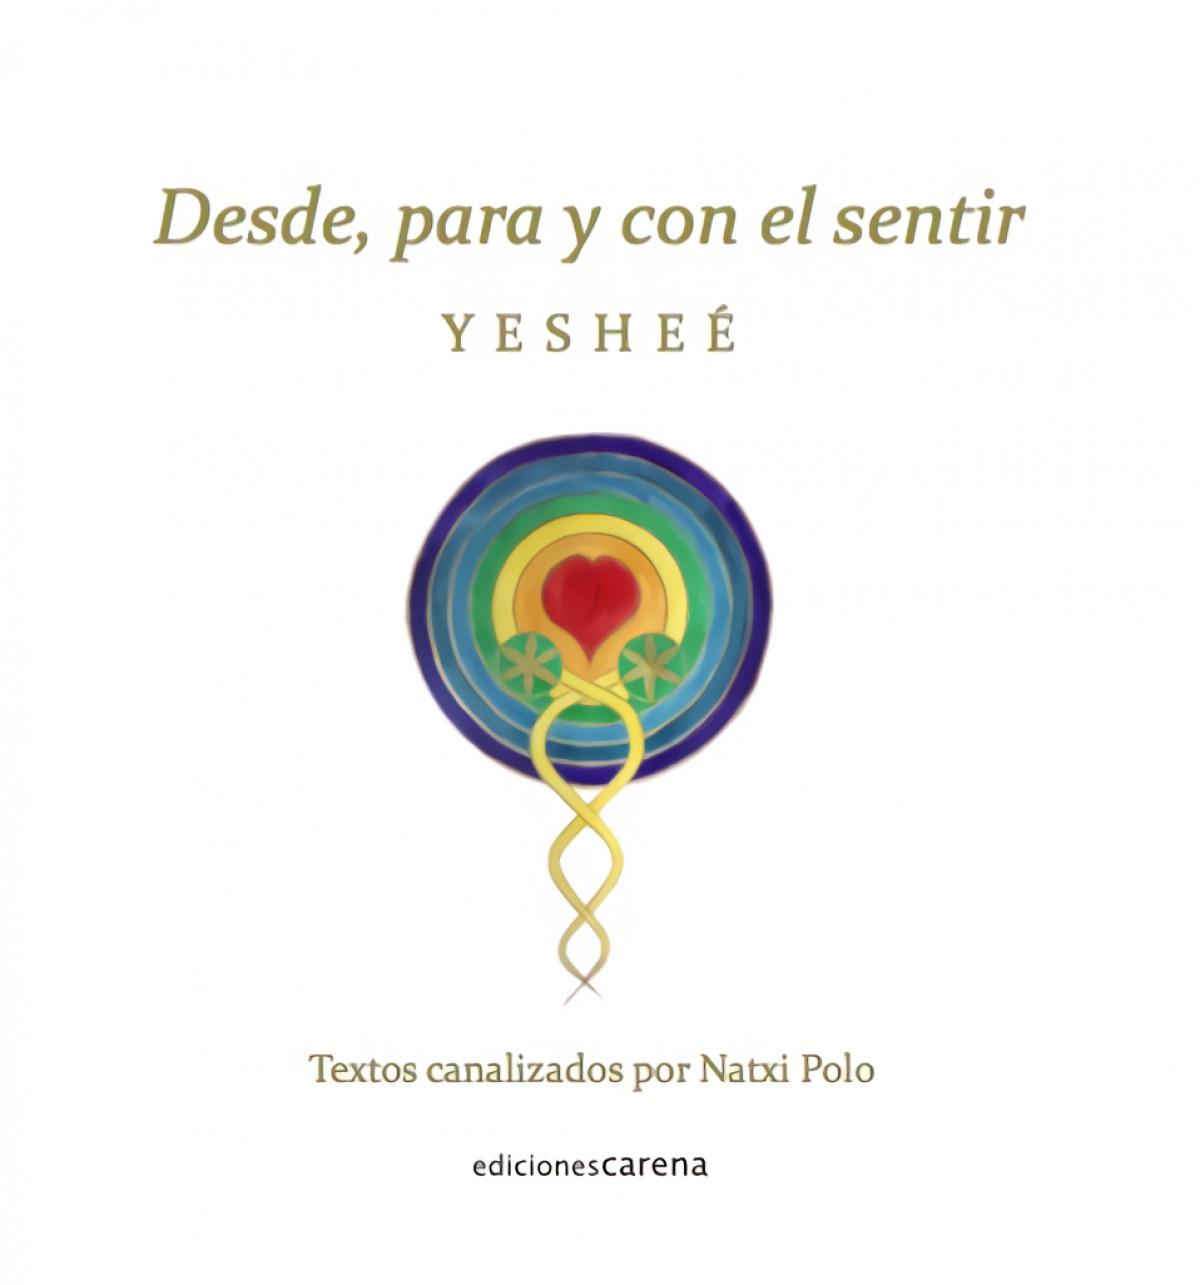 DESDE PARA Y CON EL SENTIR